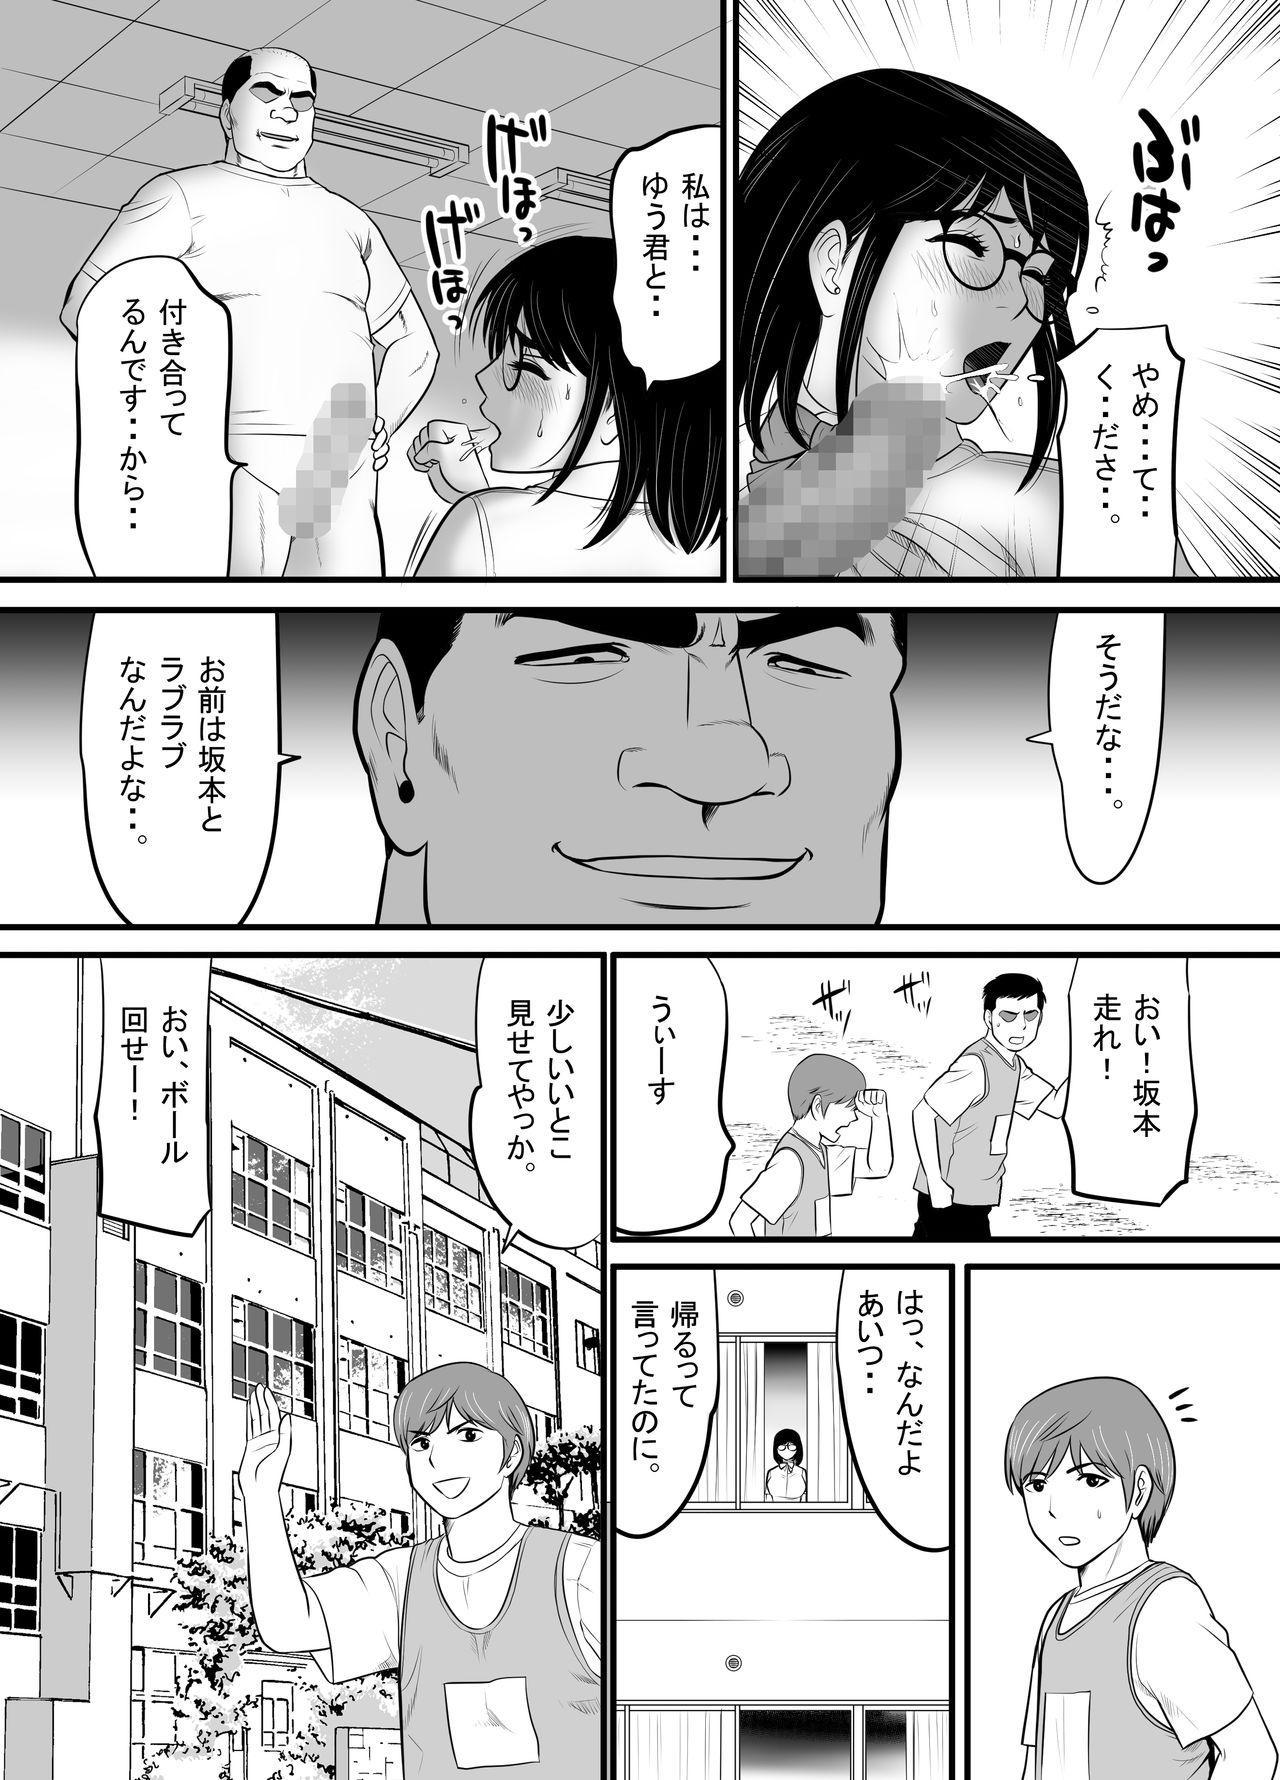 Namaiki na Danshi Seito ga Ita node Juujun na Kanojo o Kawari ni Otoshite yatta 34